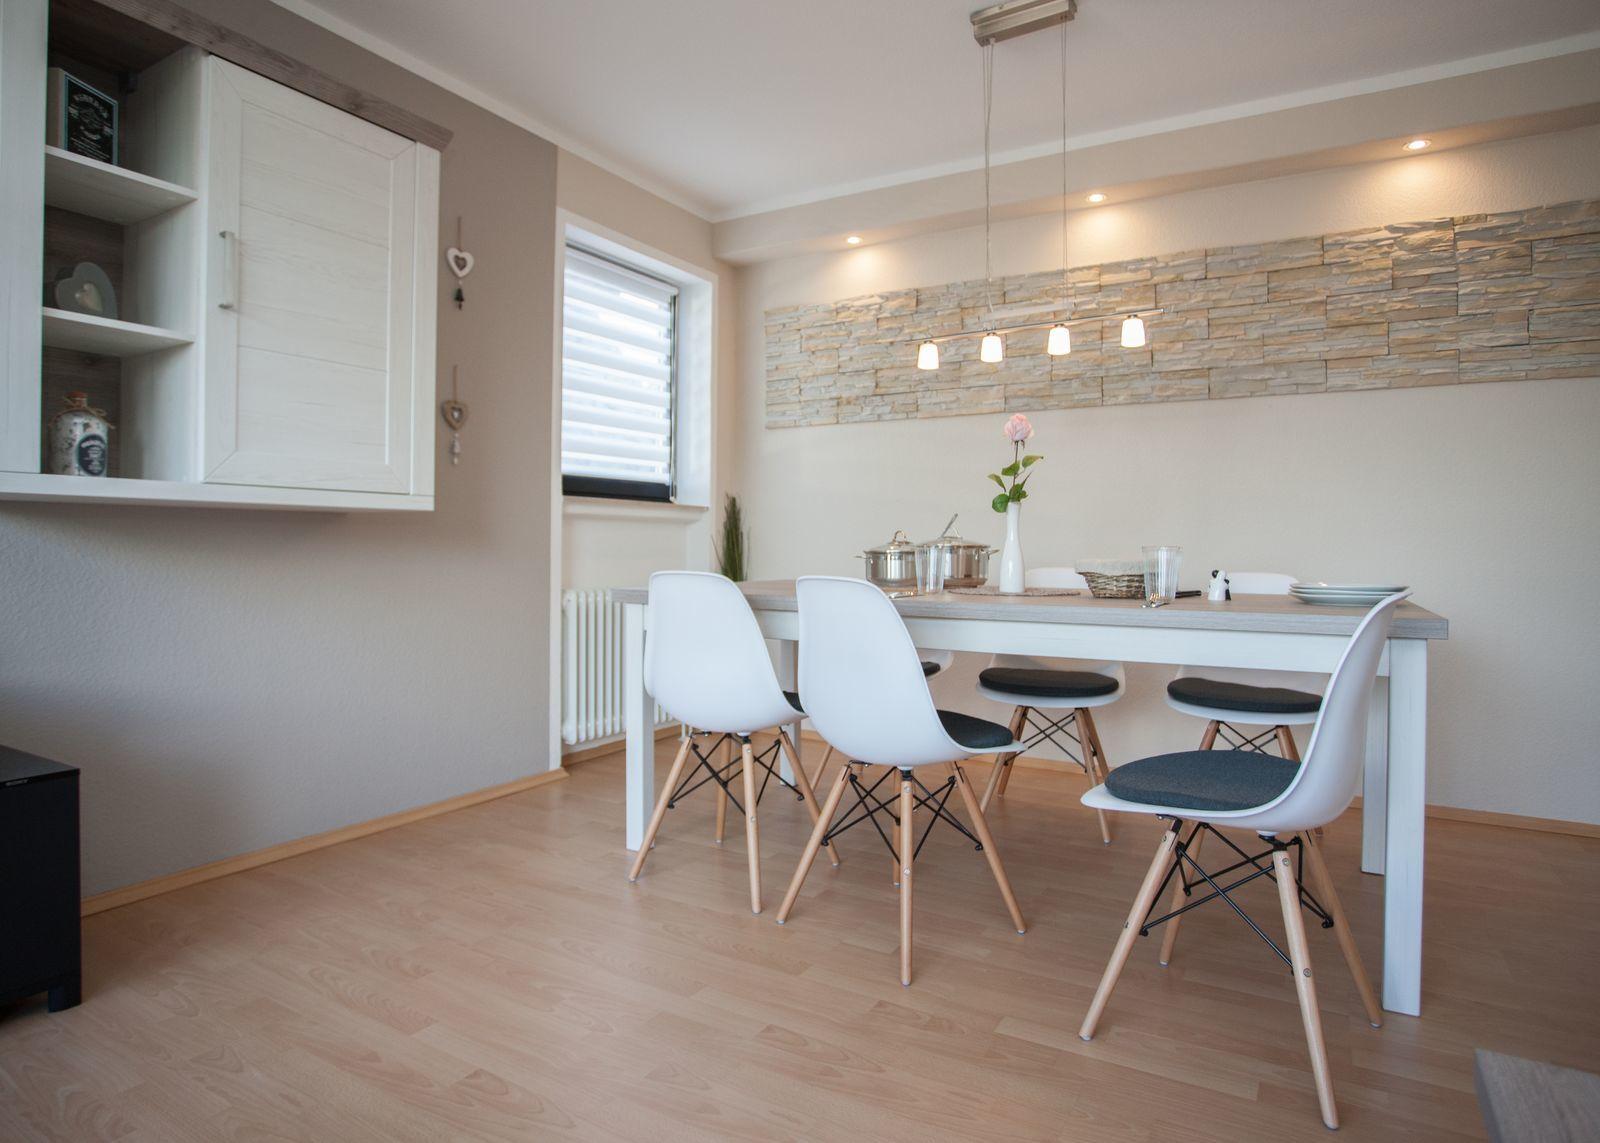 Apartment - Gartenstrasse 17